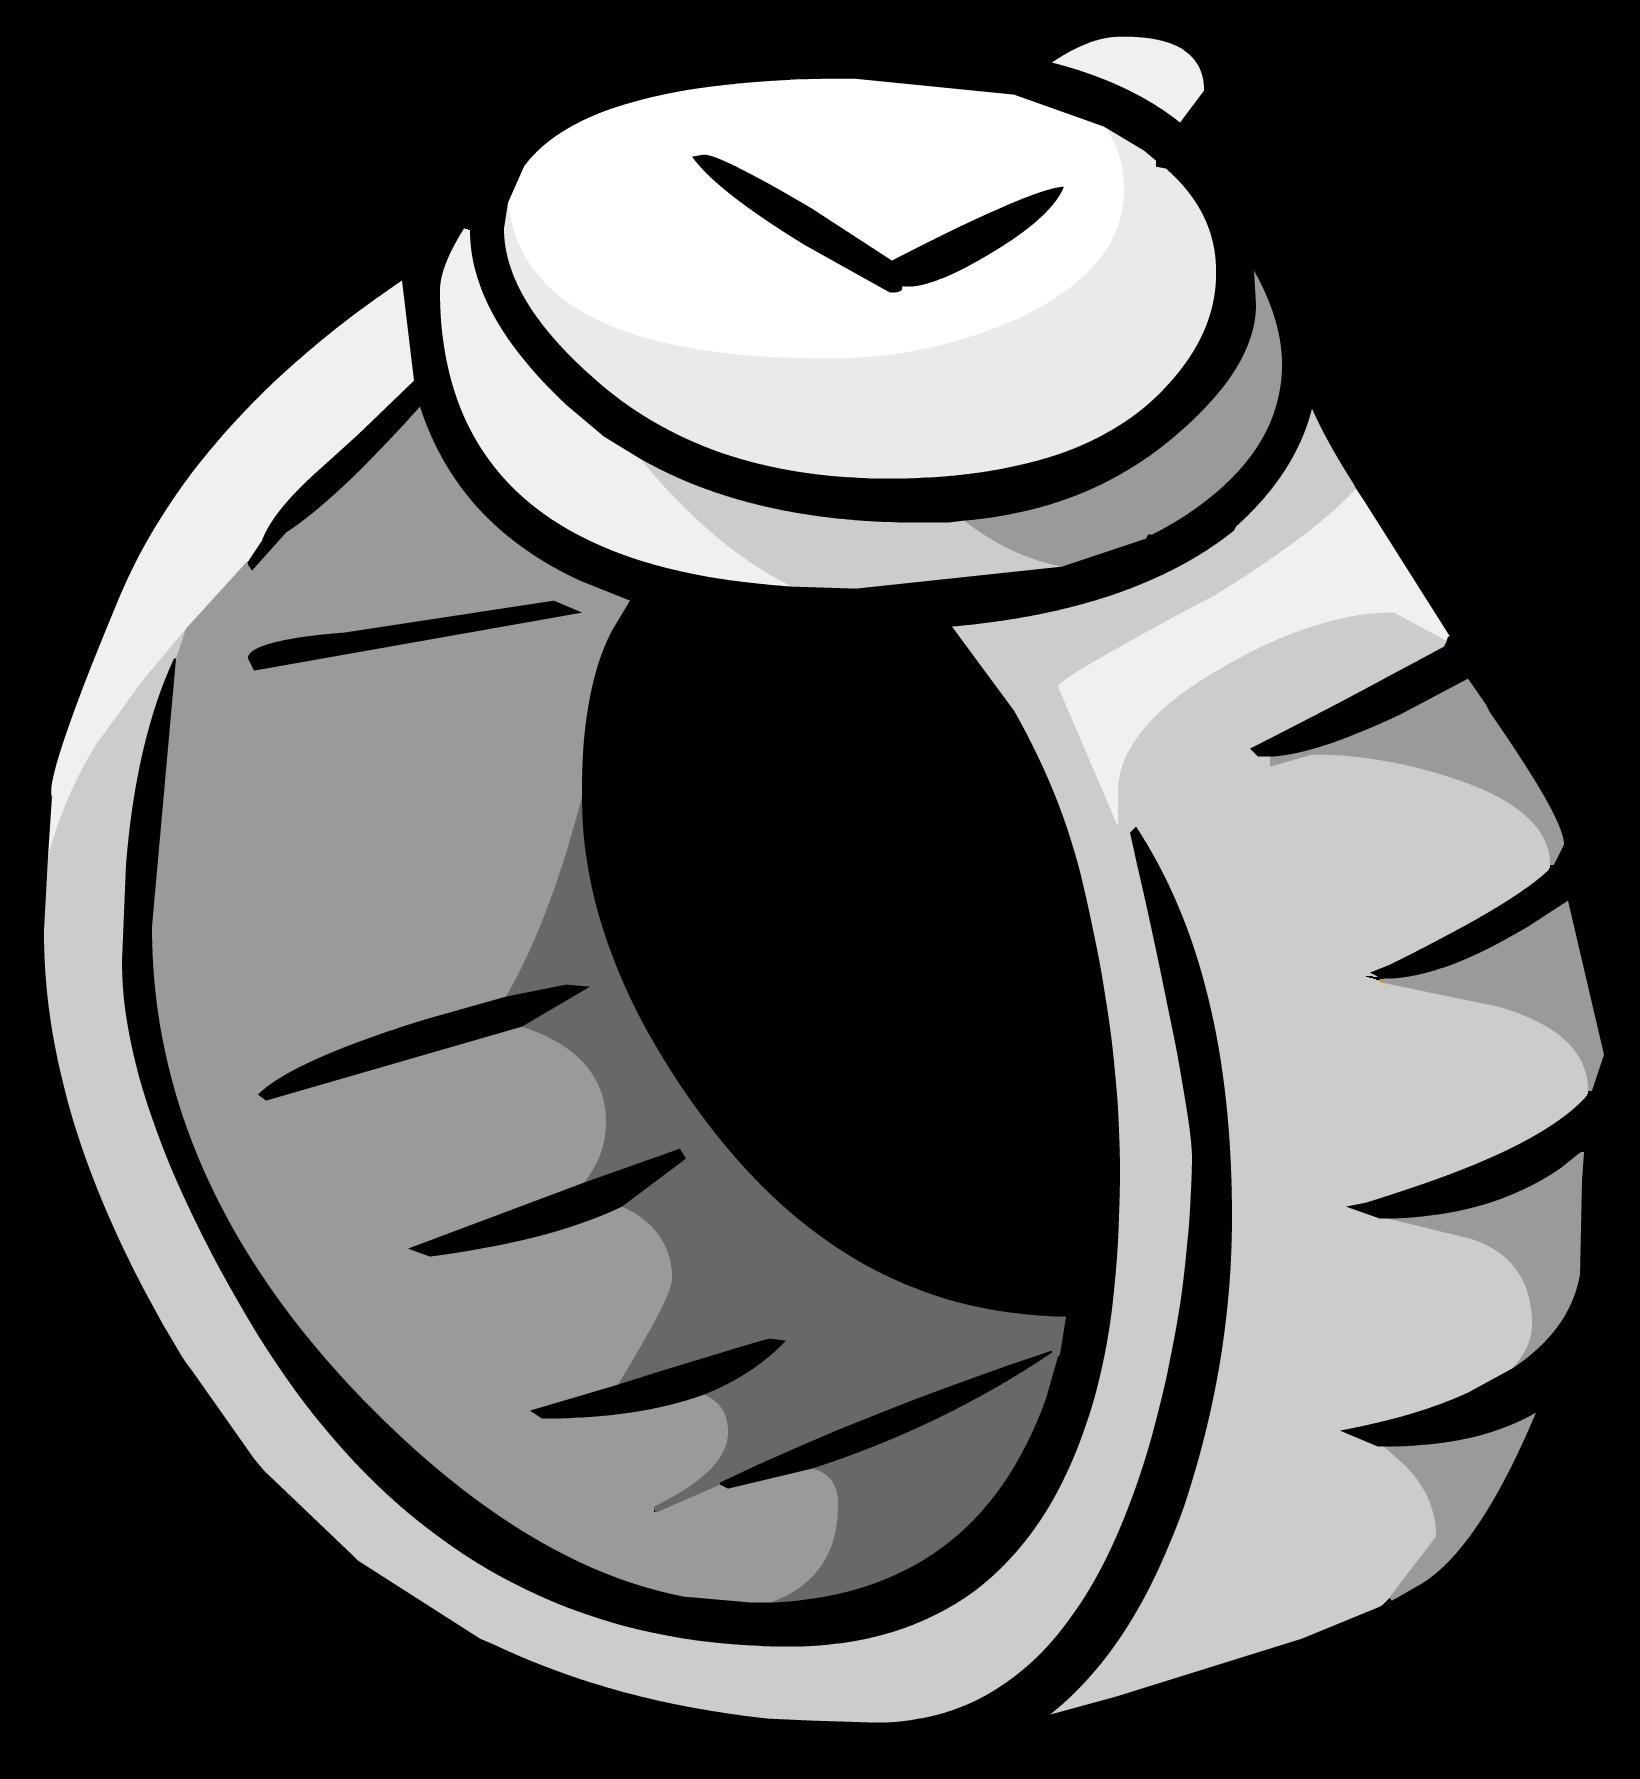 silver watch club penguin wiki fandom powered by wikia